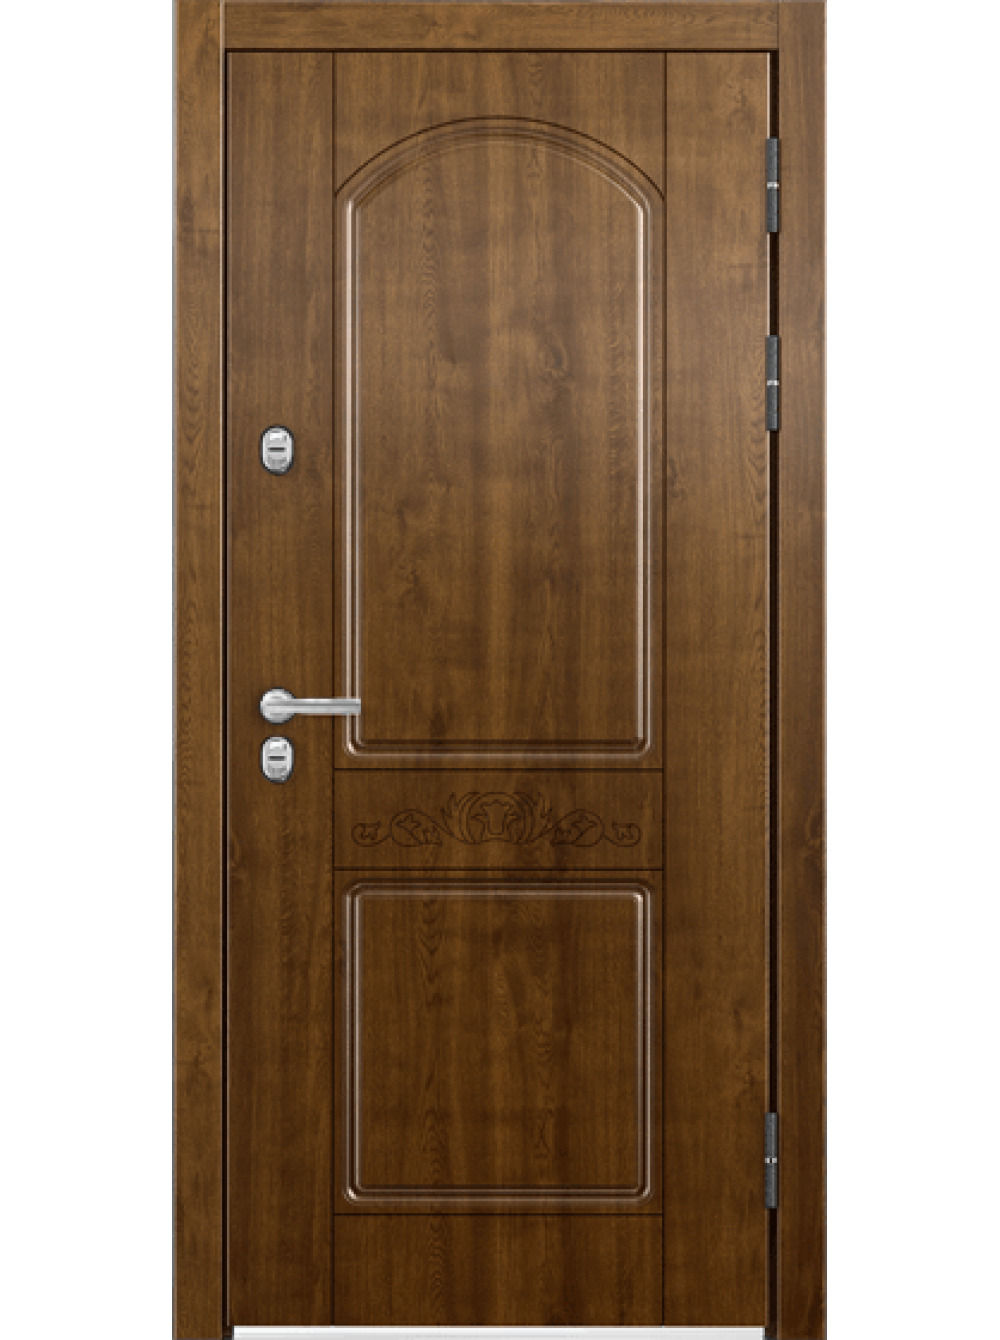 заказать дверь входную недорого в городе чехове московской области